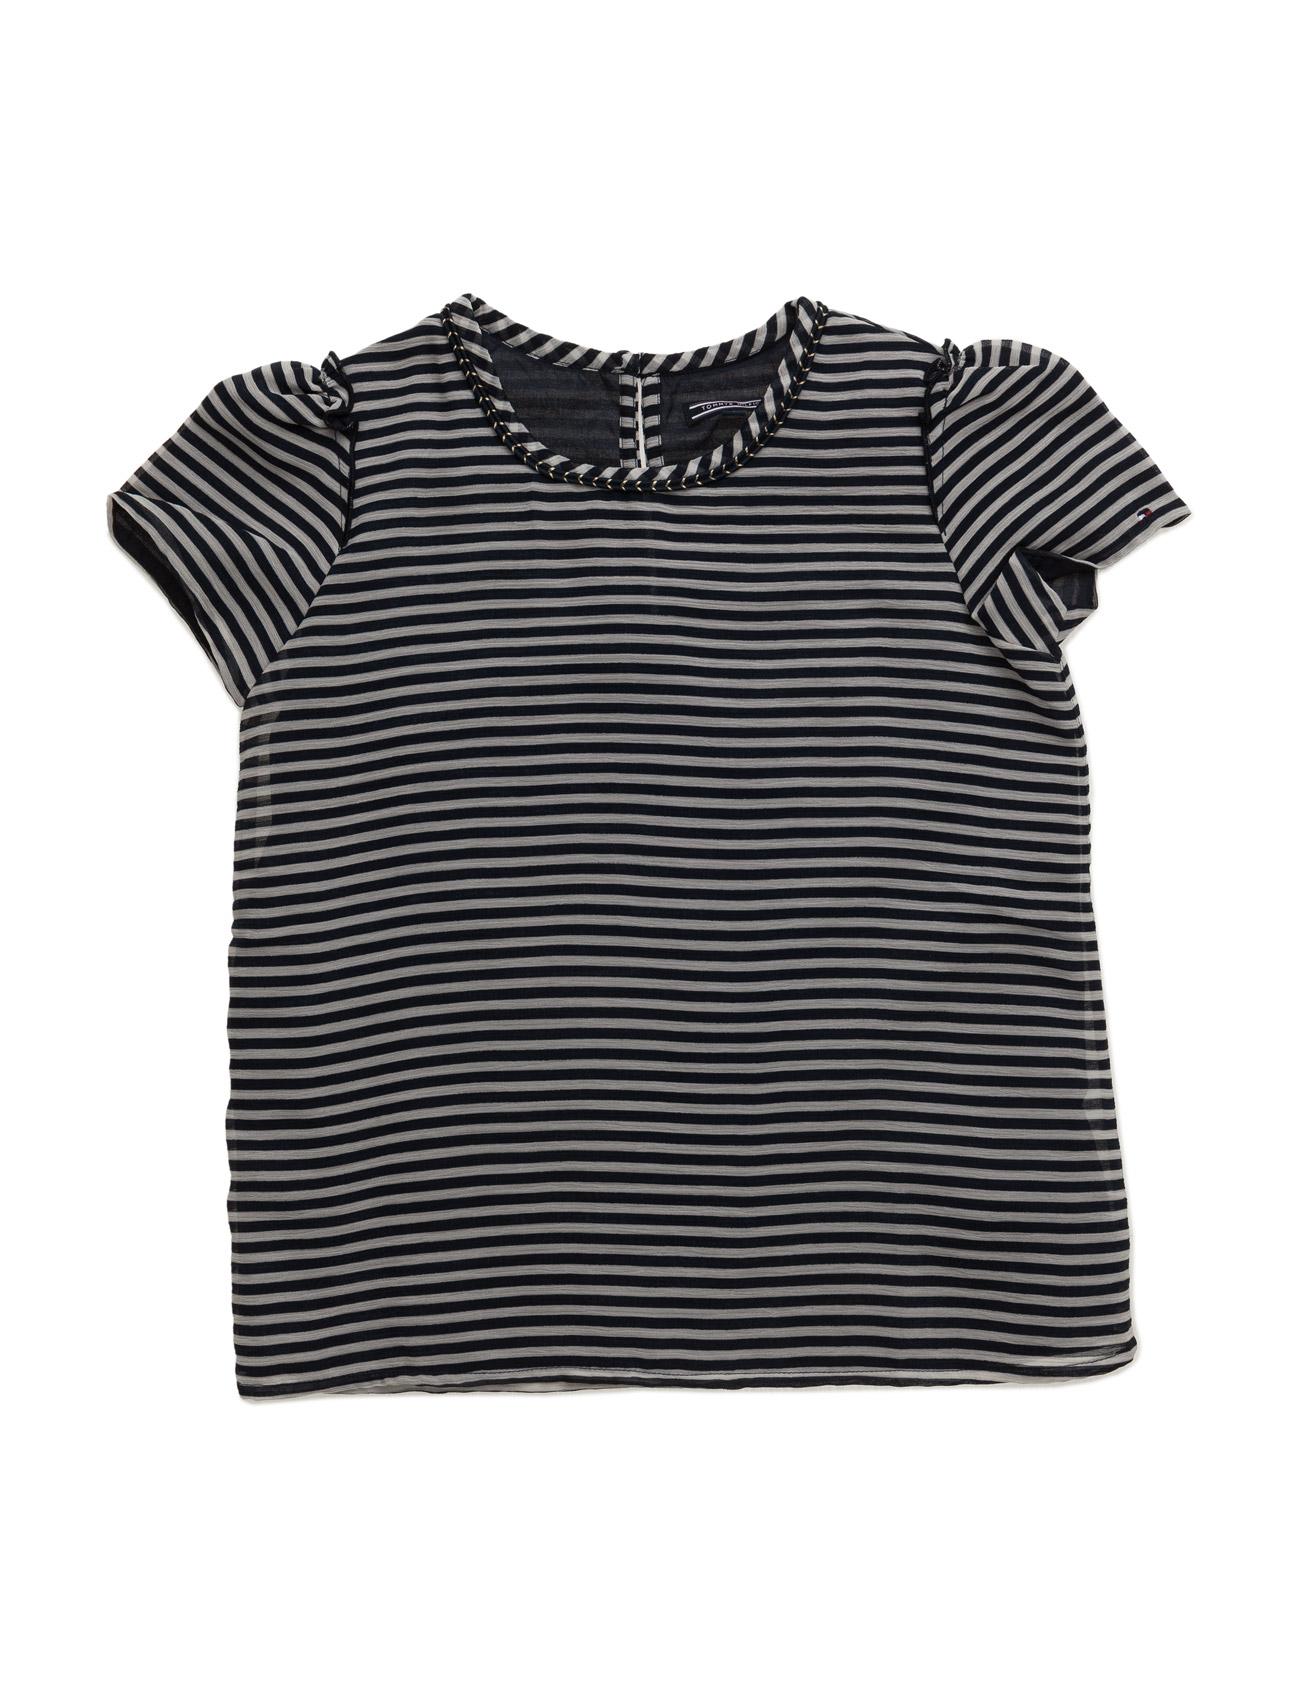 Stripe Chiffon Top S/S Tommy Hilfiger Kortærmede t-shirts til Børn i